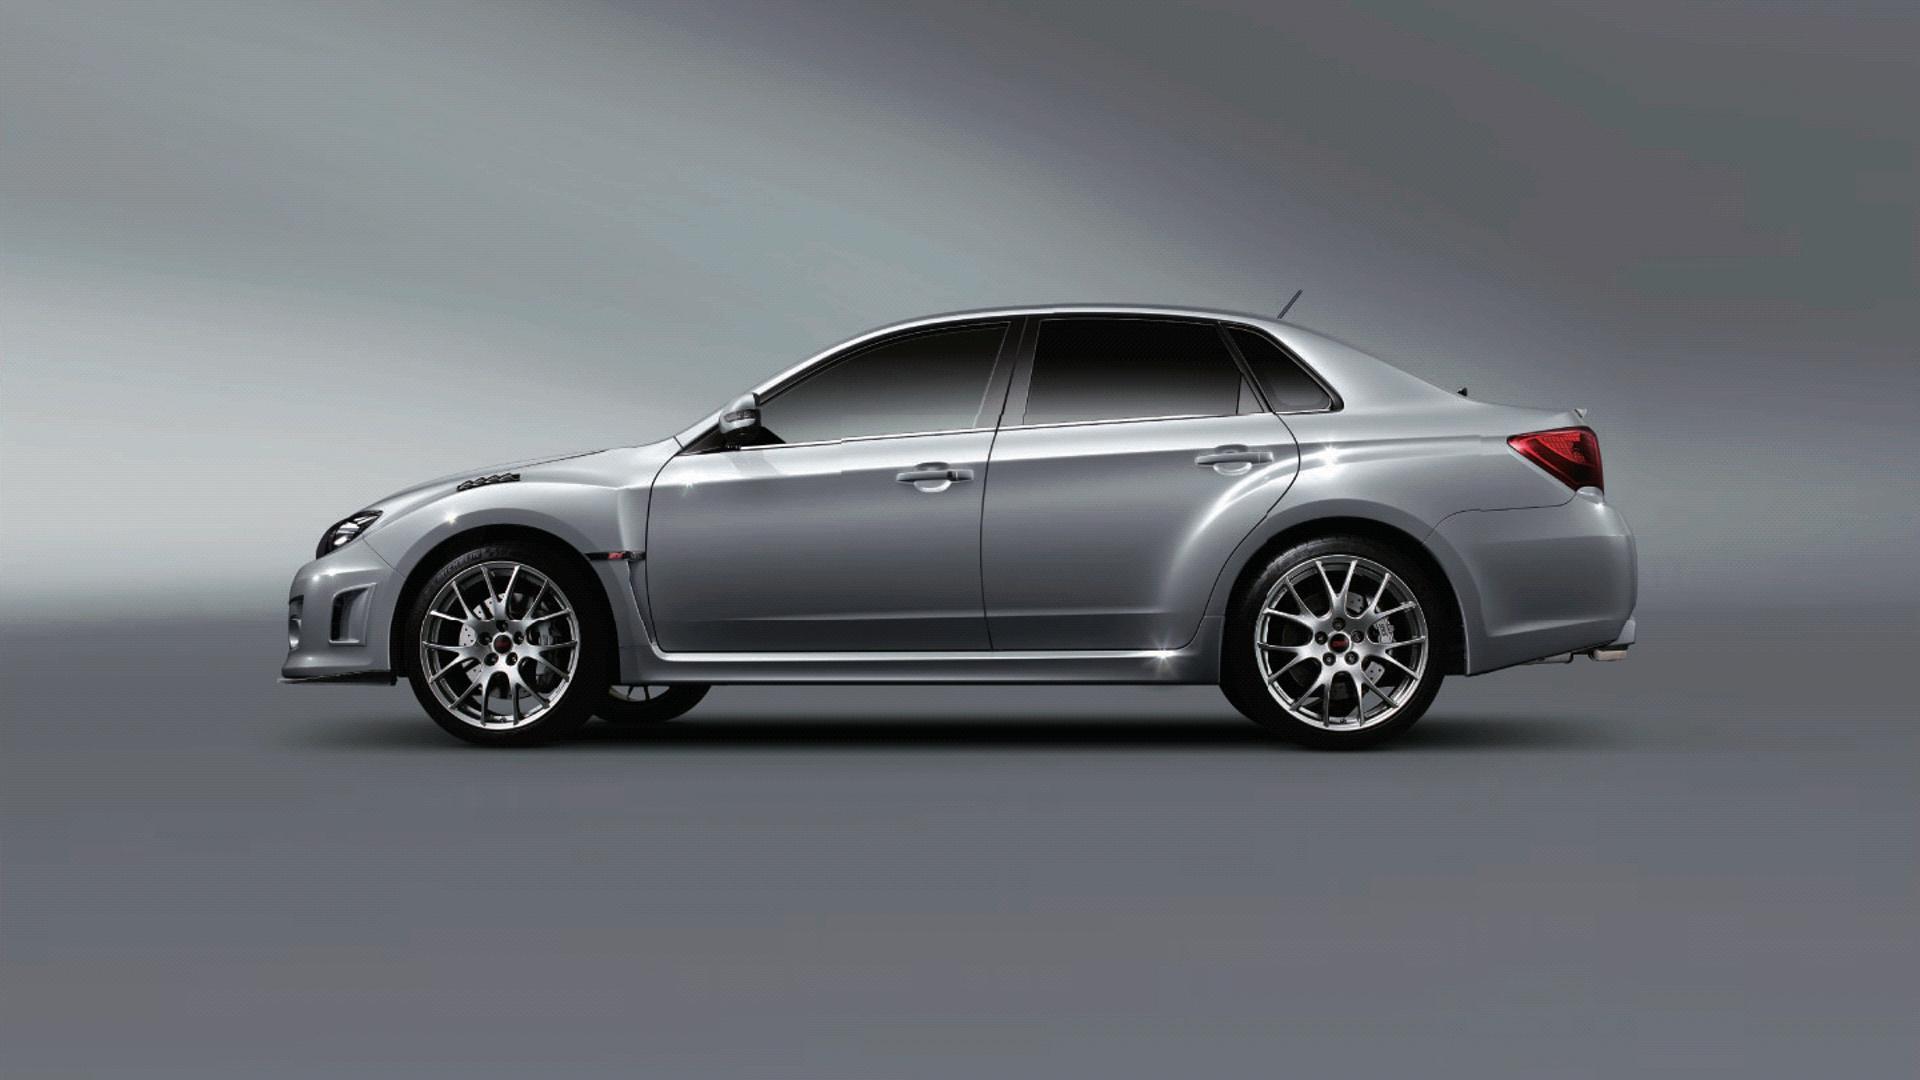 Subaru_Impreza_STI_S206_0037